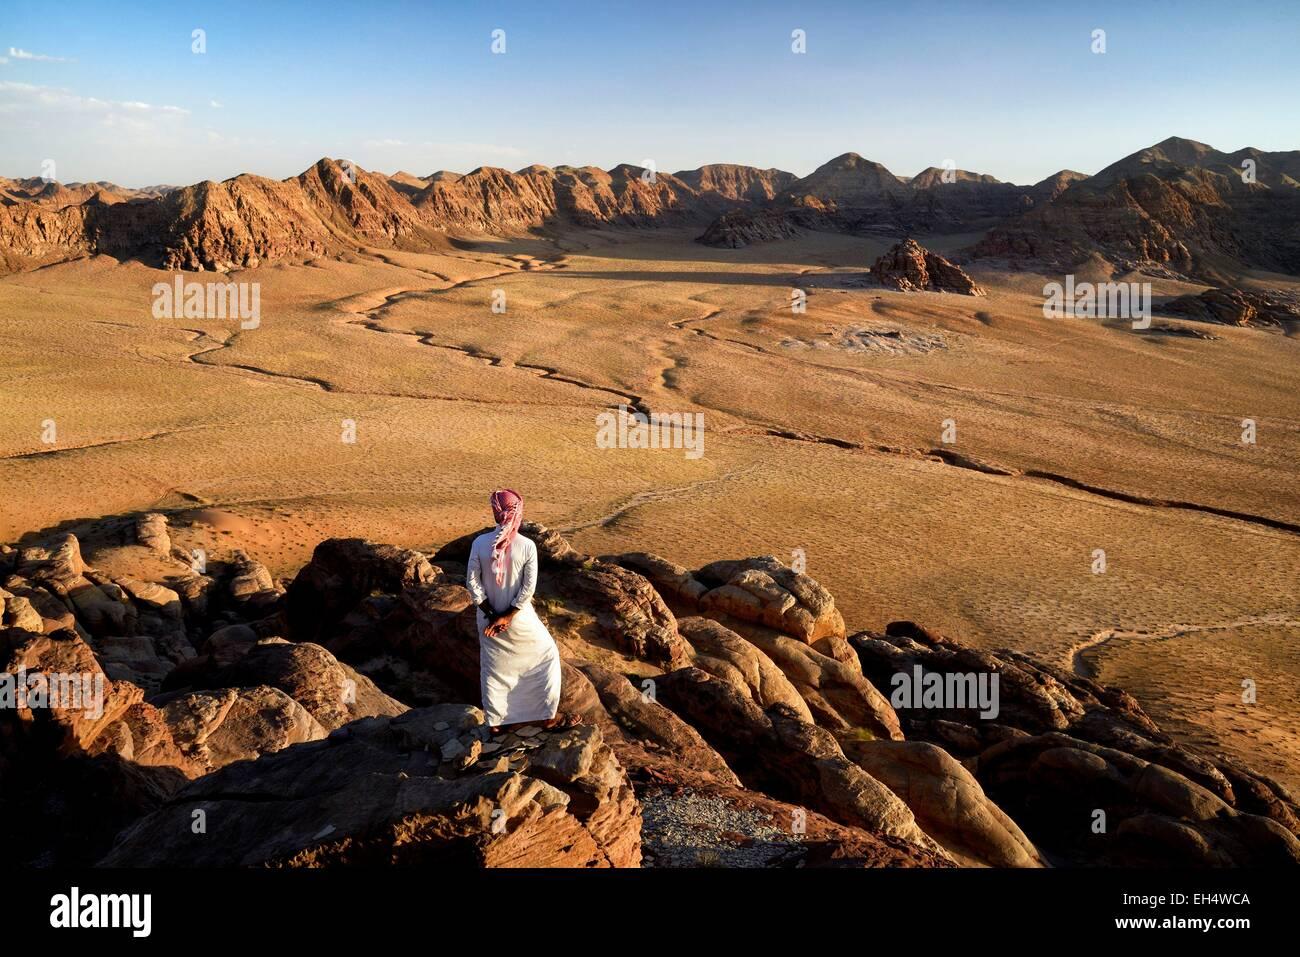 Jordania, Wadi Rum desert, frontera con Arabia Saudita, beduinos y vista desde la montaña de Jebel Khasch Imagen De Stock